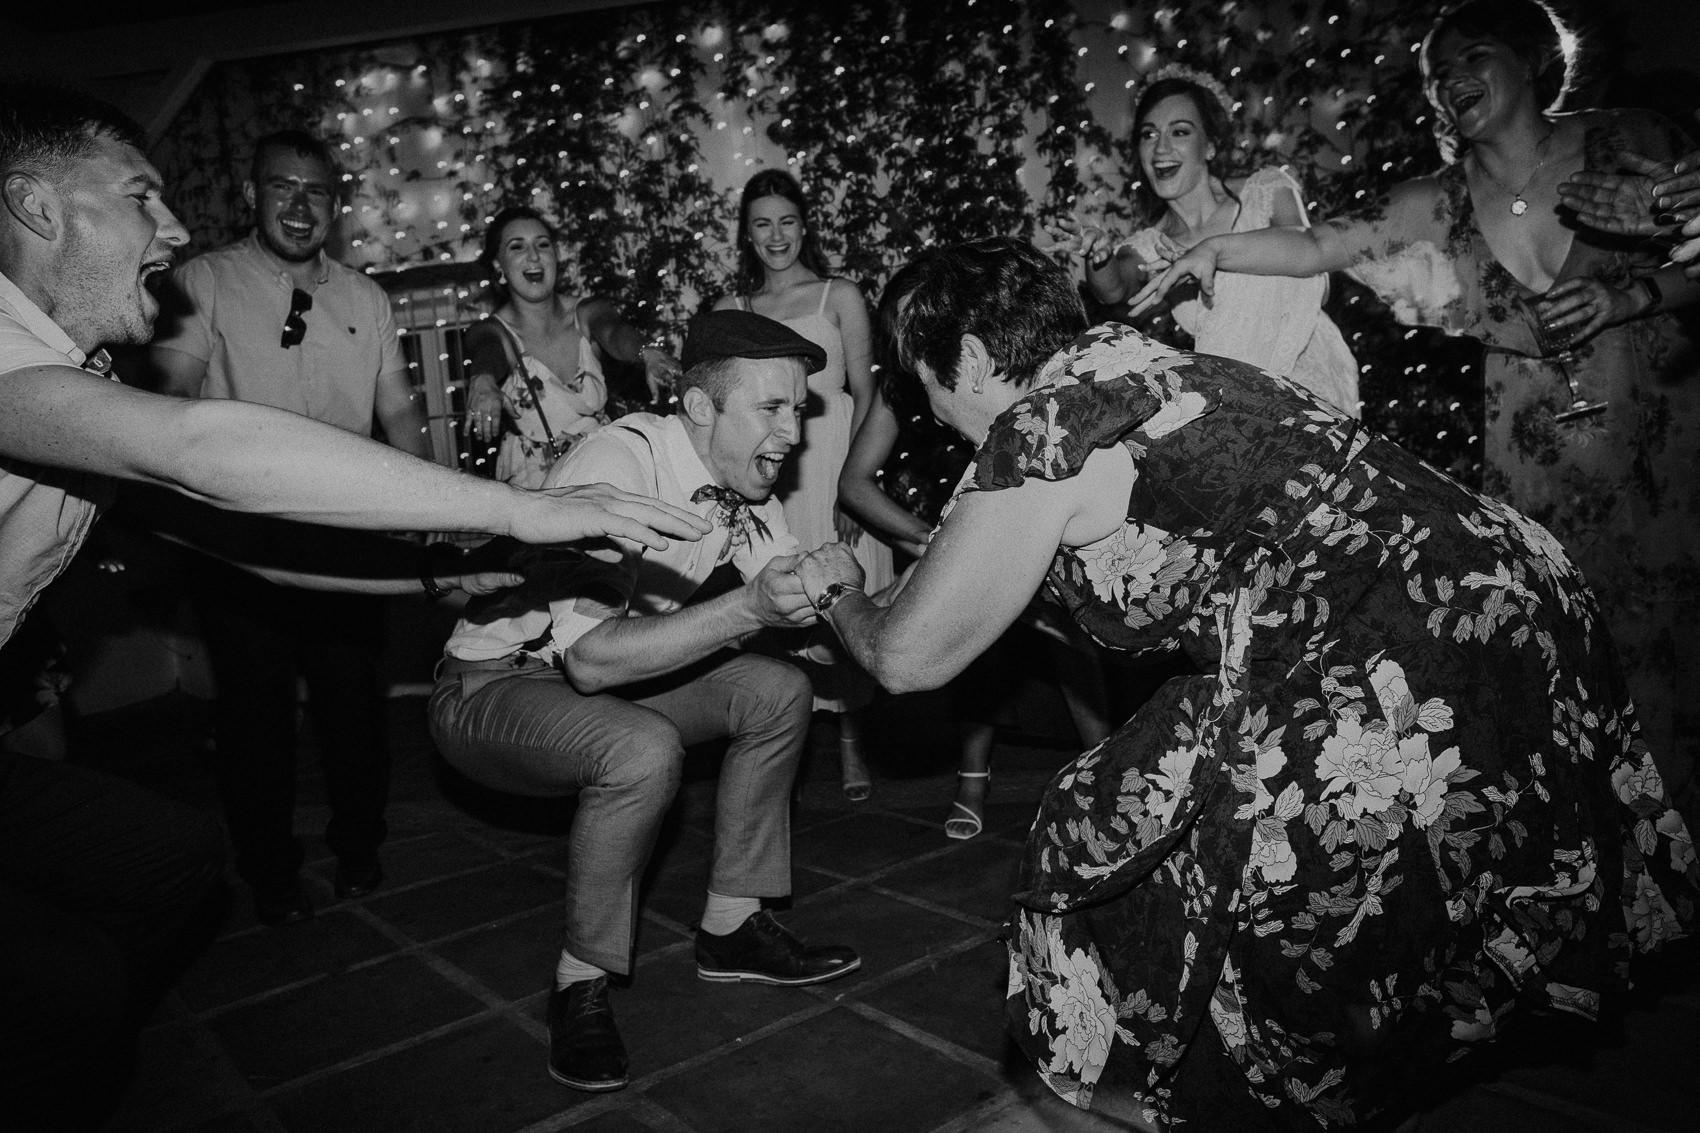 Sarah & Bill | Summer wedding at Cortijo Rosa Blanca | Marbella - Spain 181